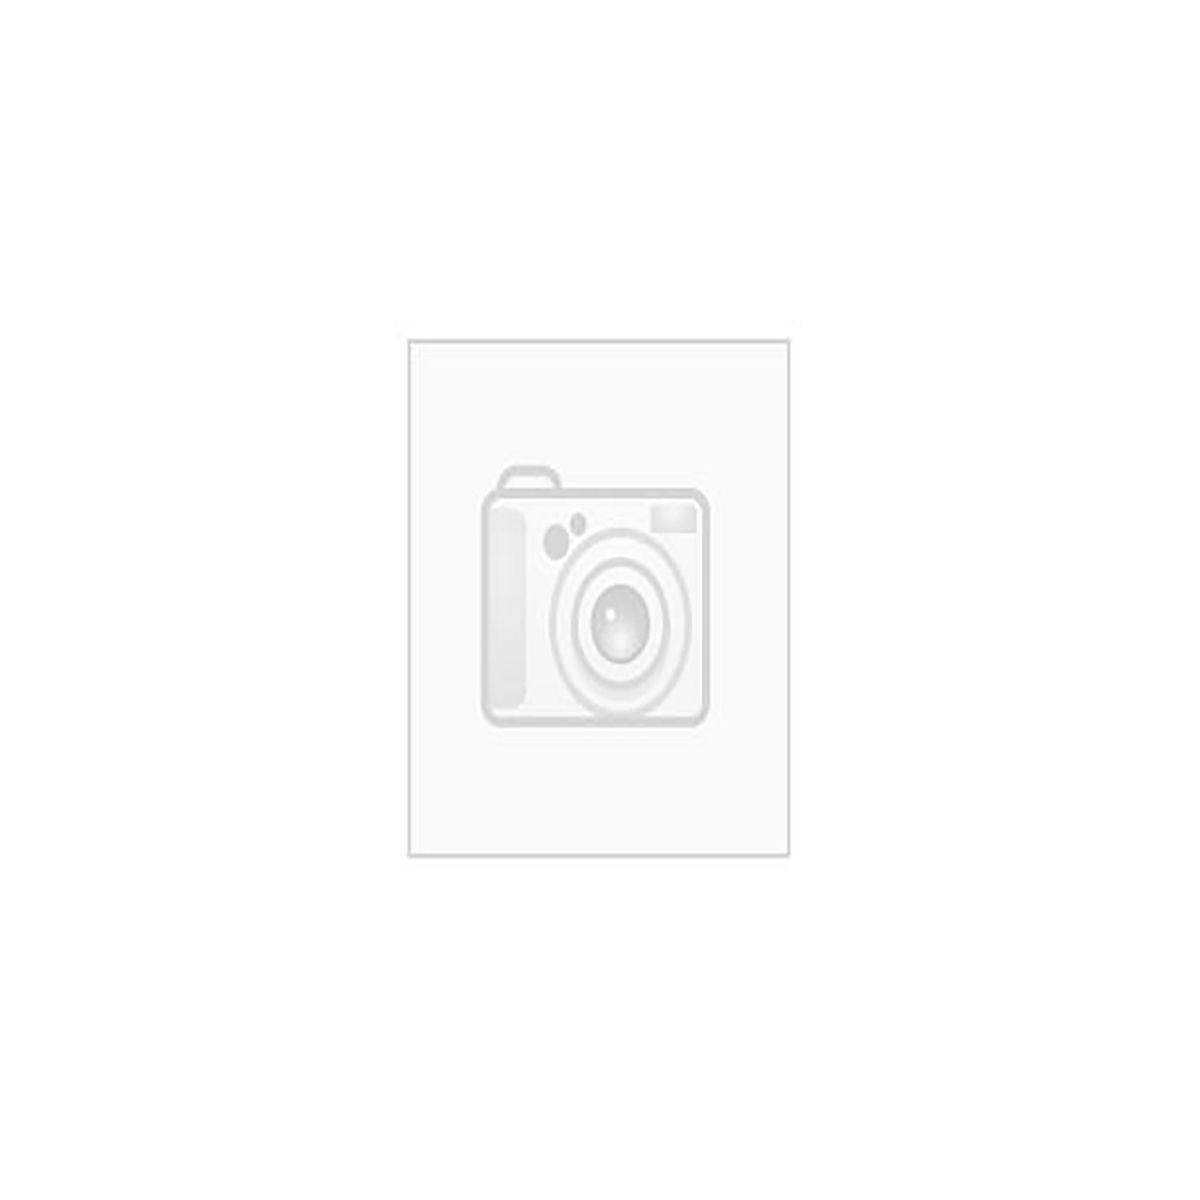 Tapwell BOX006 SQUARE